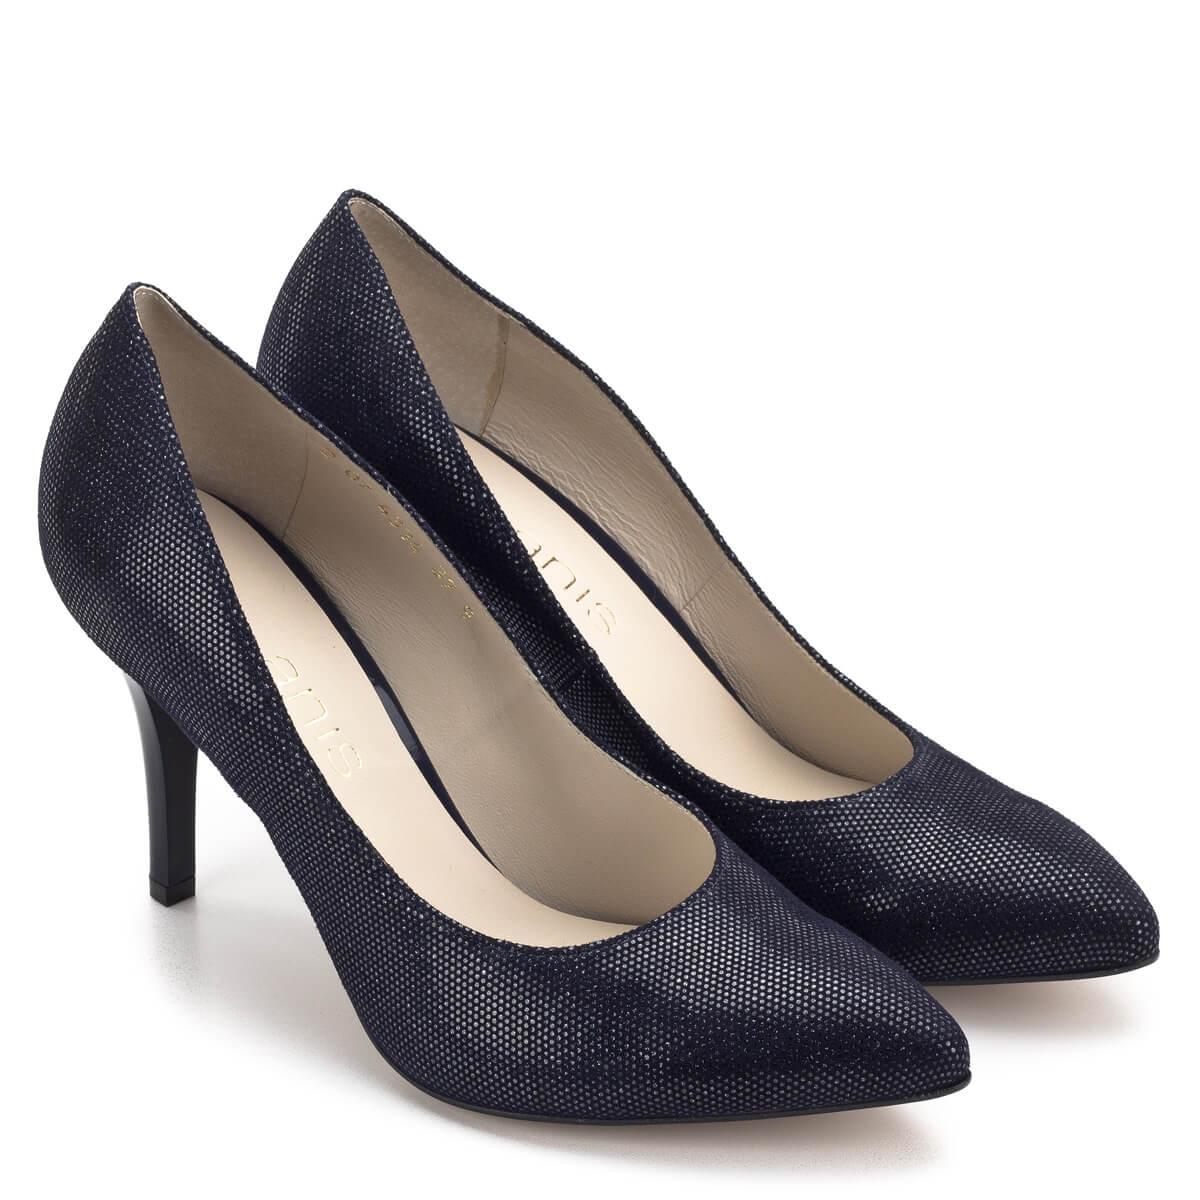 f8d021d6a4 Bőrét apró ezüst minta; Anis kék-ezüst magassarkú női cipő 9 cm magasságú  sarokkal. Bőrét apró ezüst minta